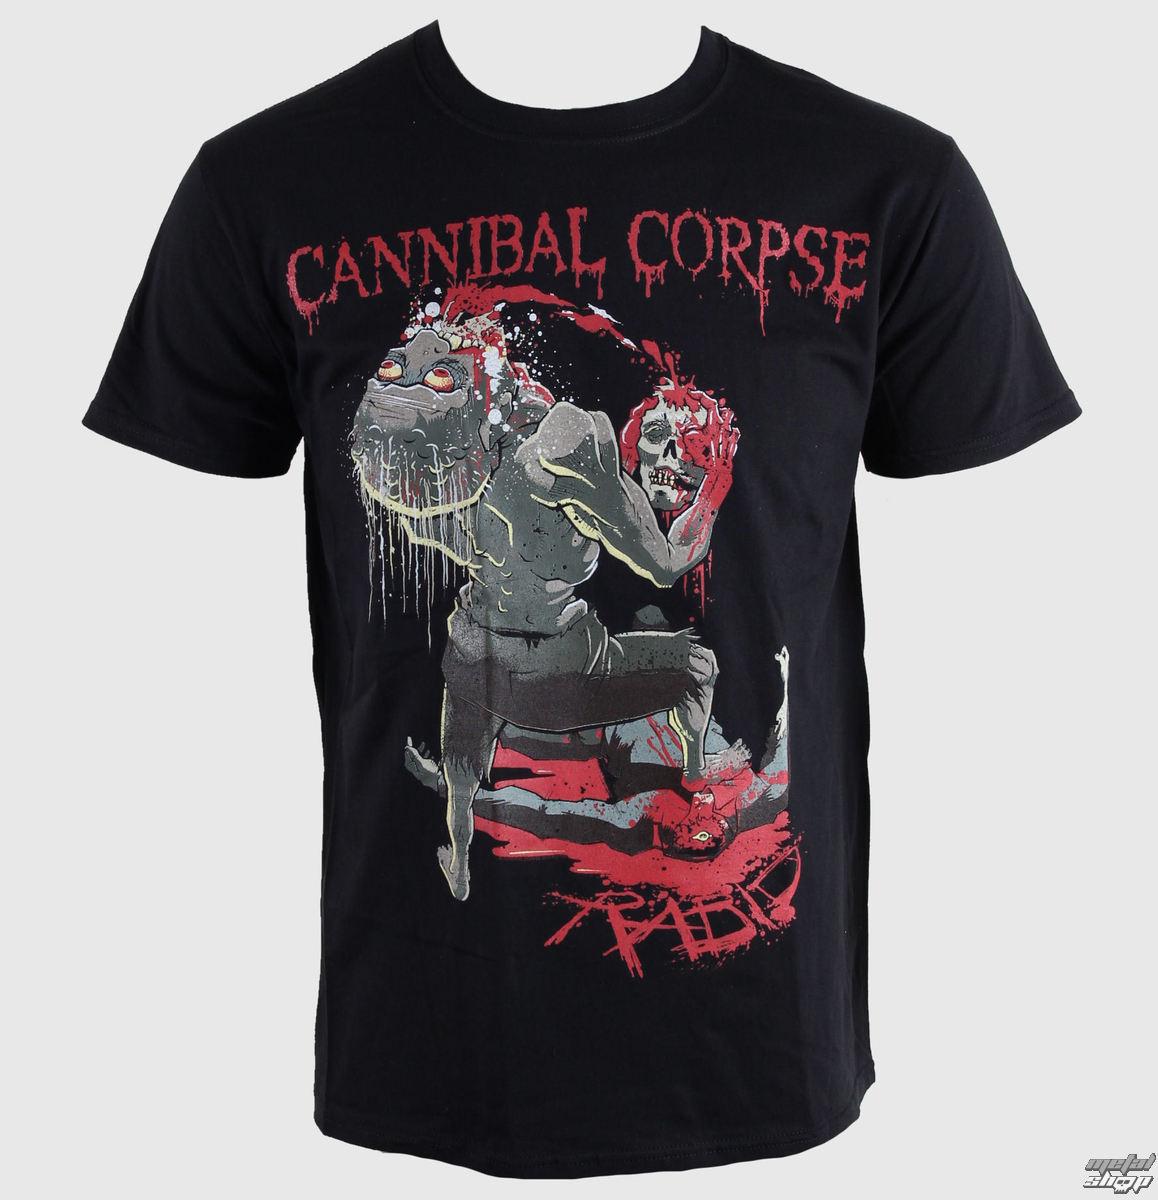 triďż˝ko pďż˝nskďż˝ Cannibal Corpse - Rabid - PLASTIC HEAD - PH7739